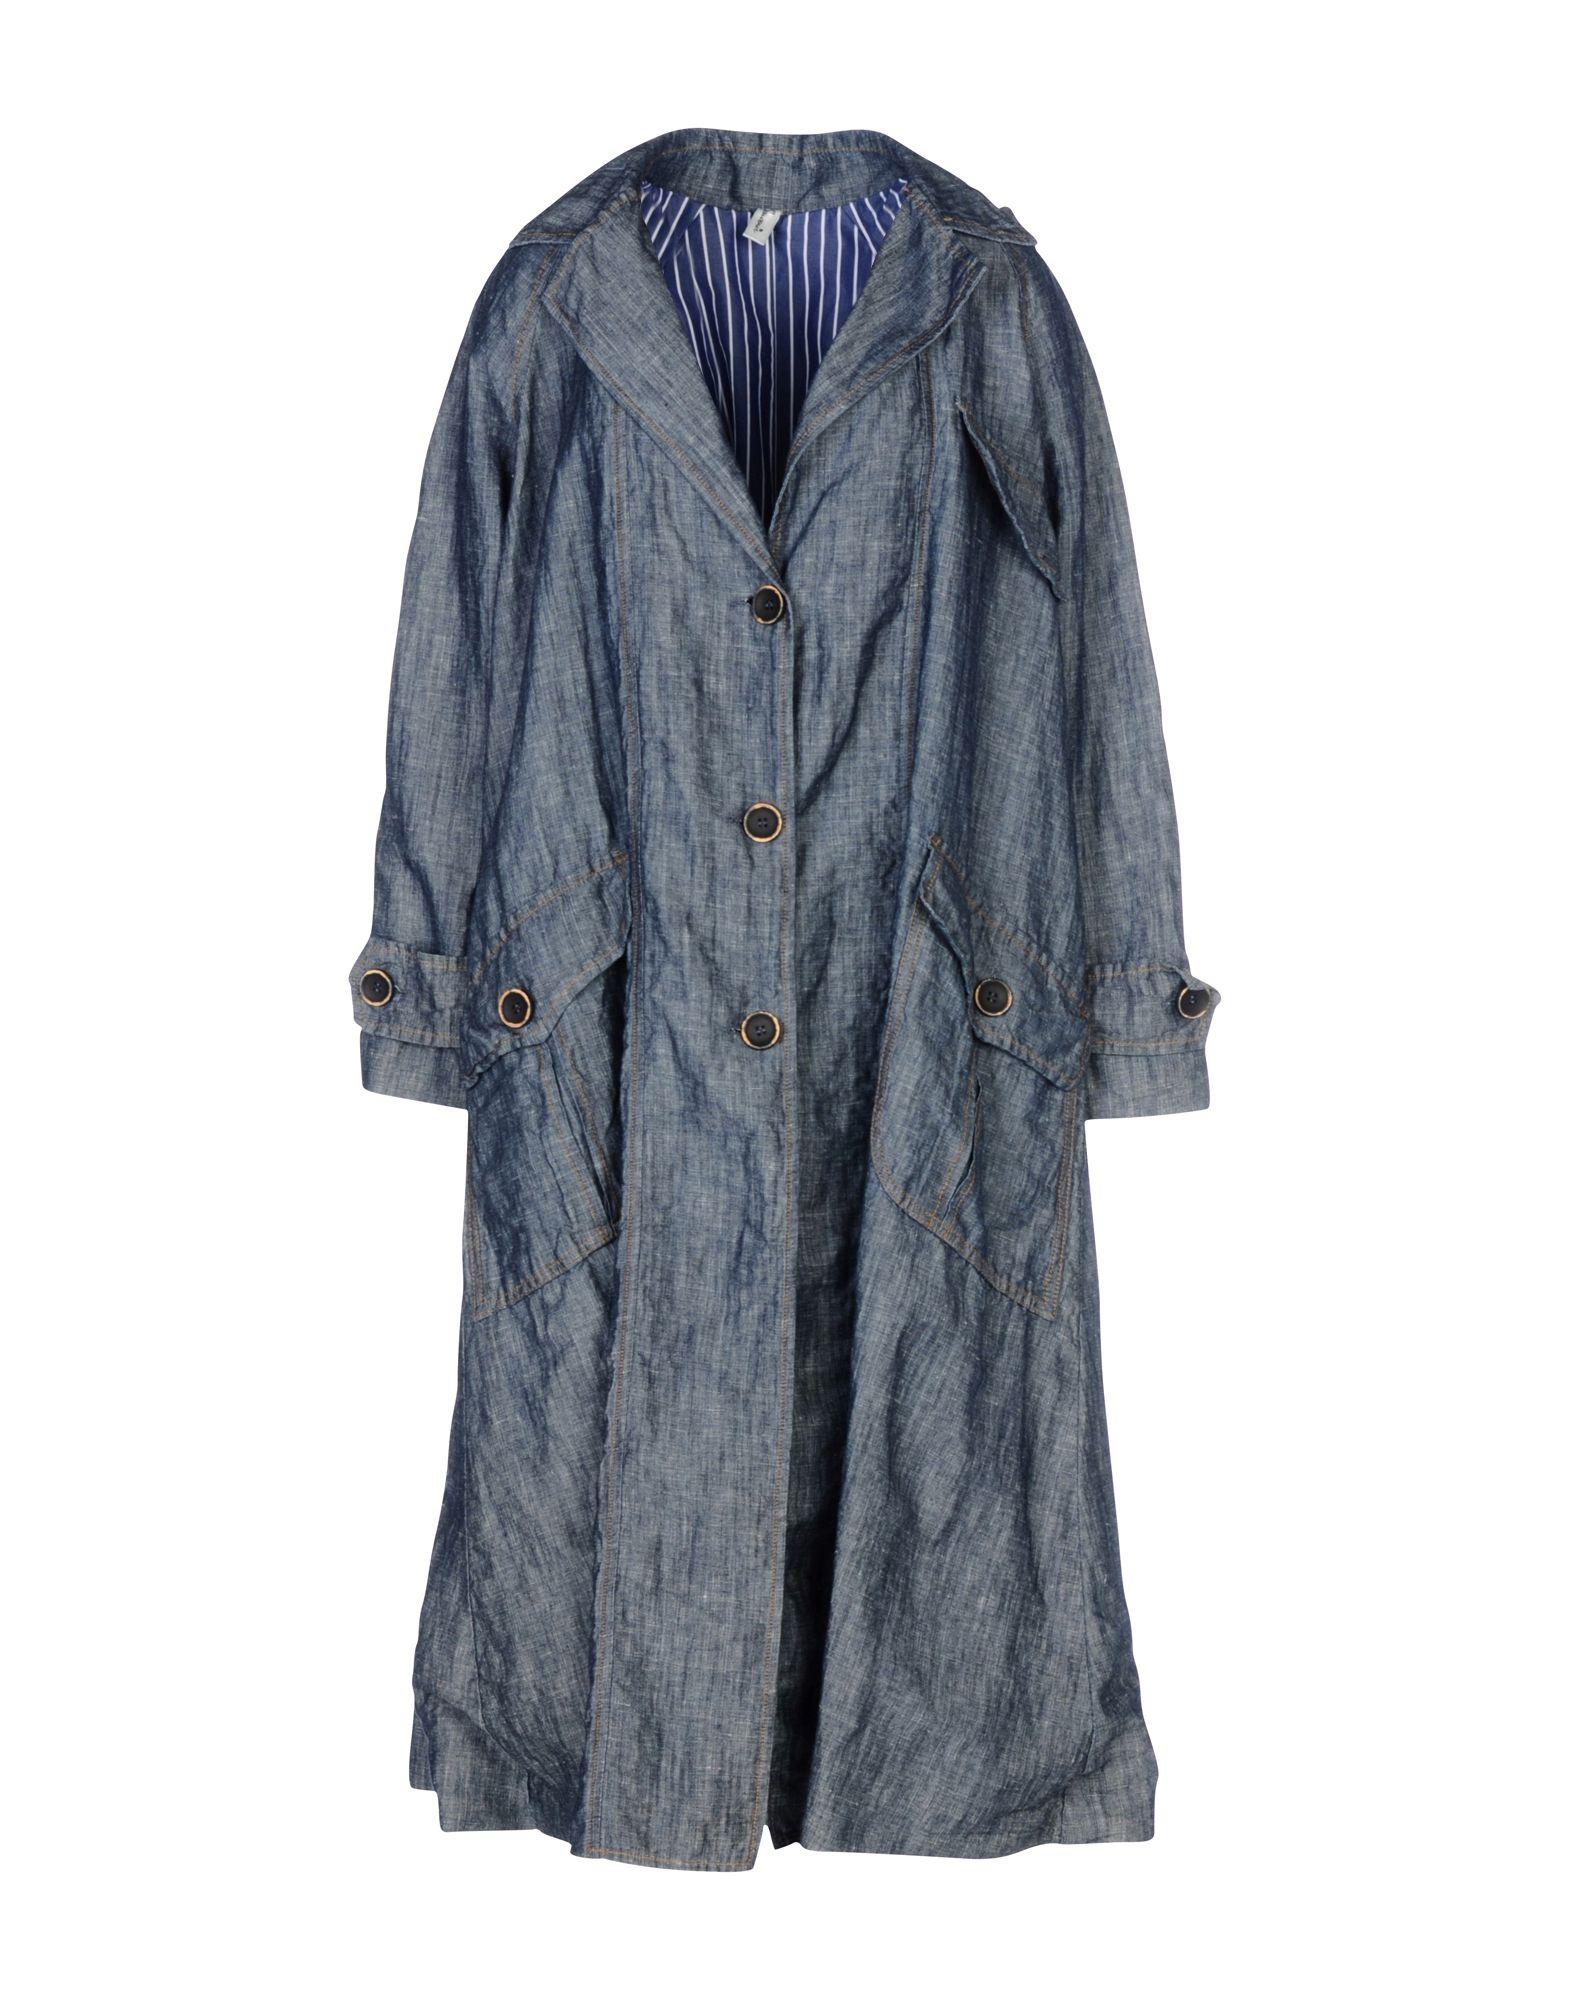 SOUVENIR Джинсовая верхняя одежда represent джинсовая верхняя одежда